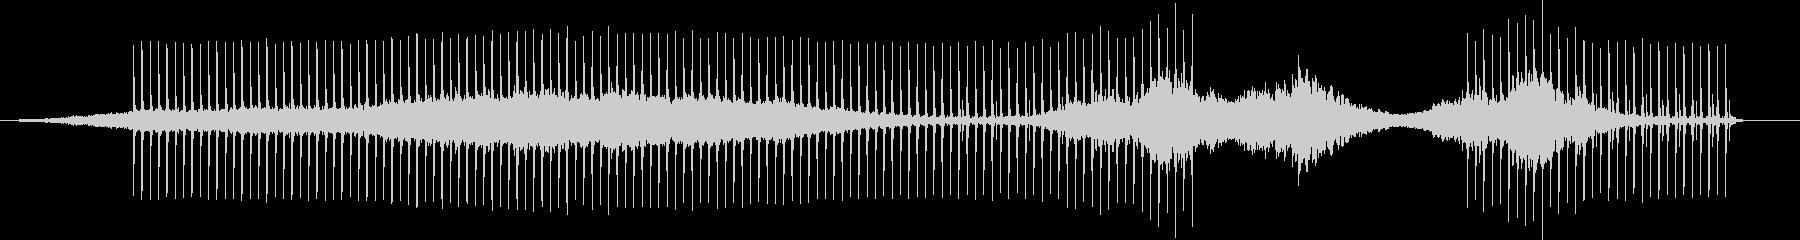 電気環境研究所Spacey-hyp...の未再生の波形